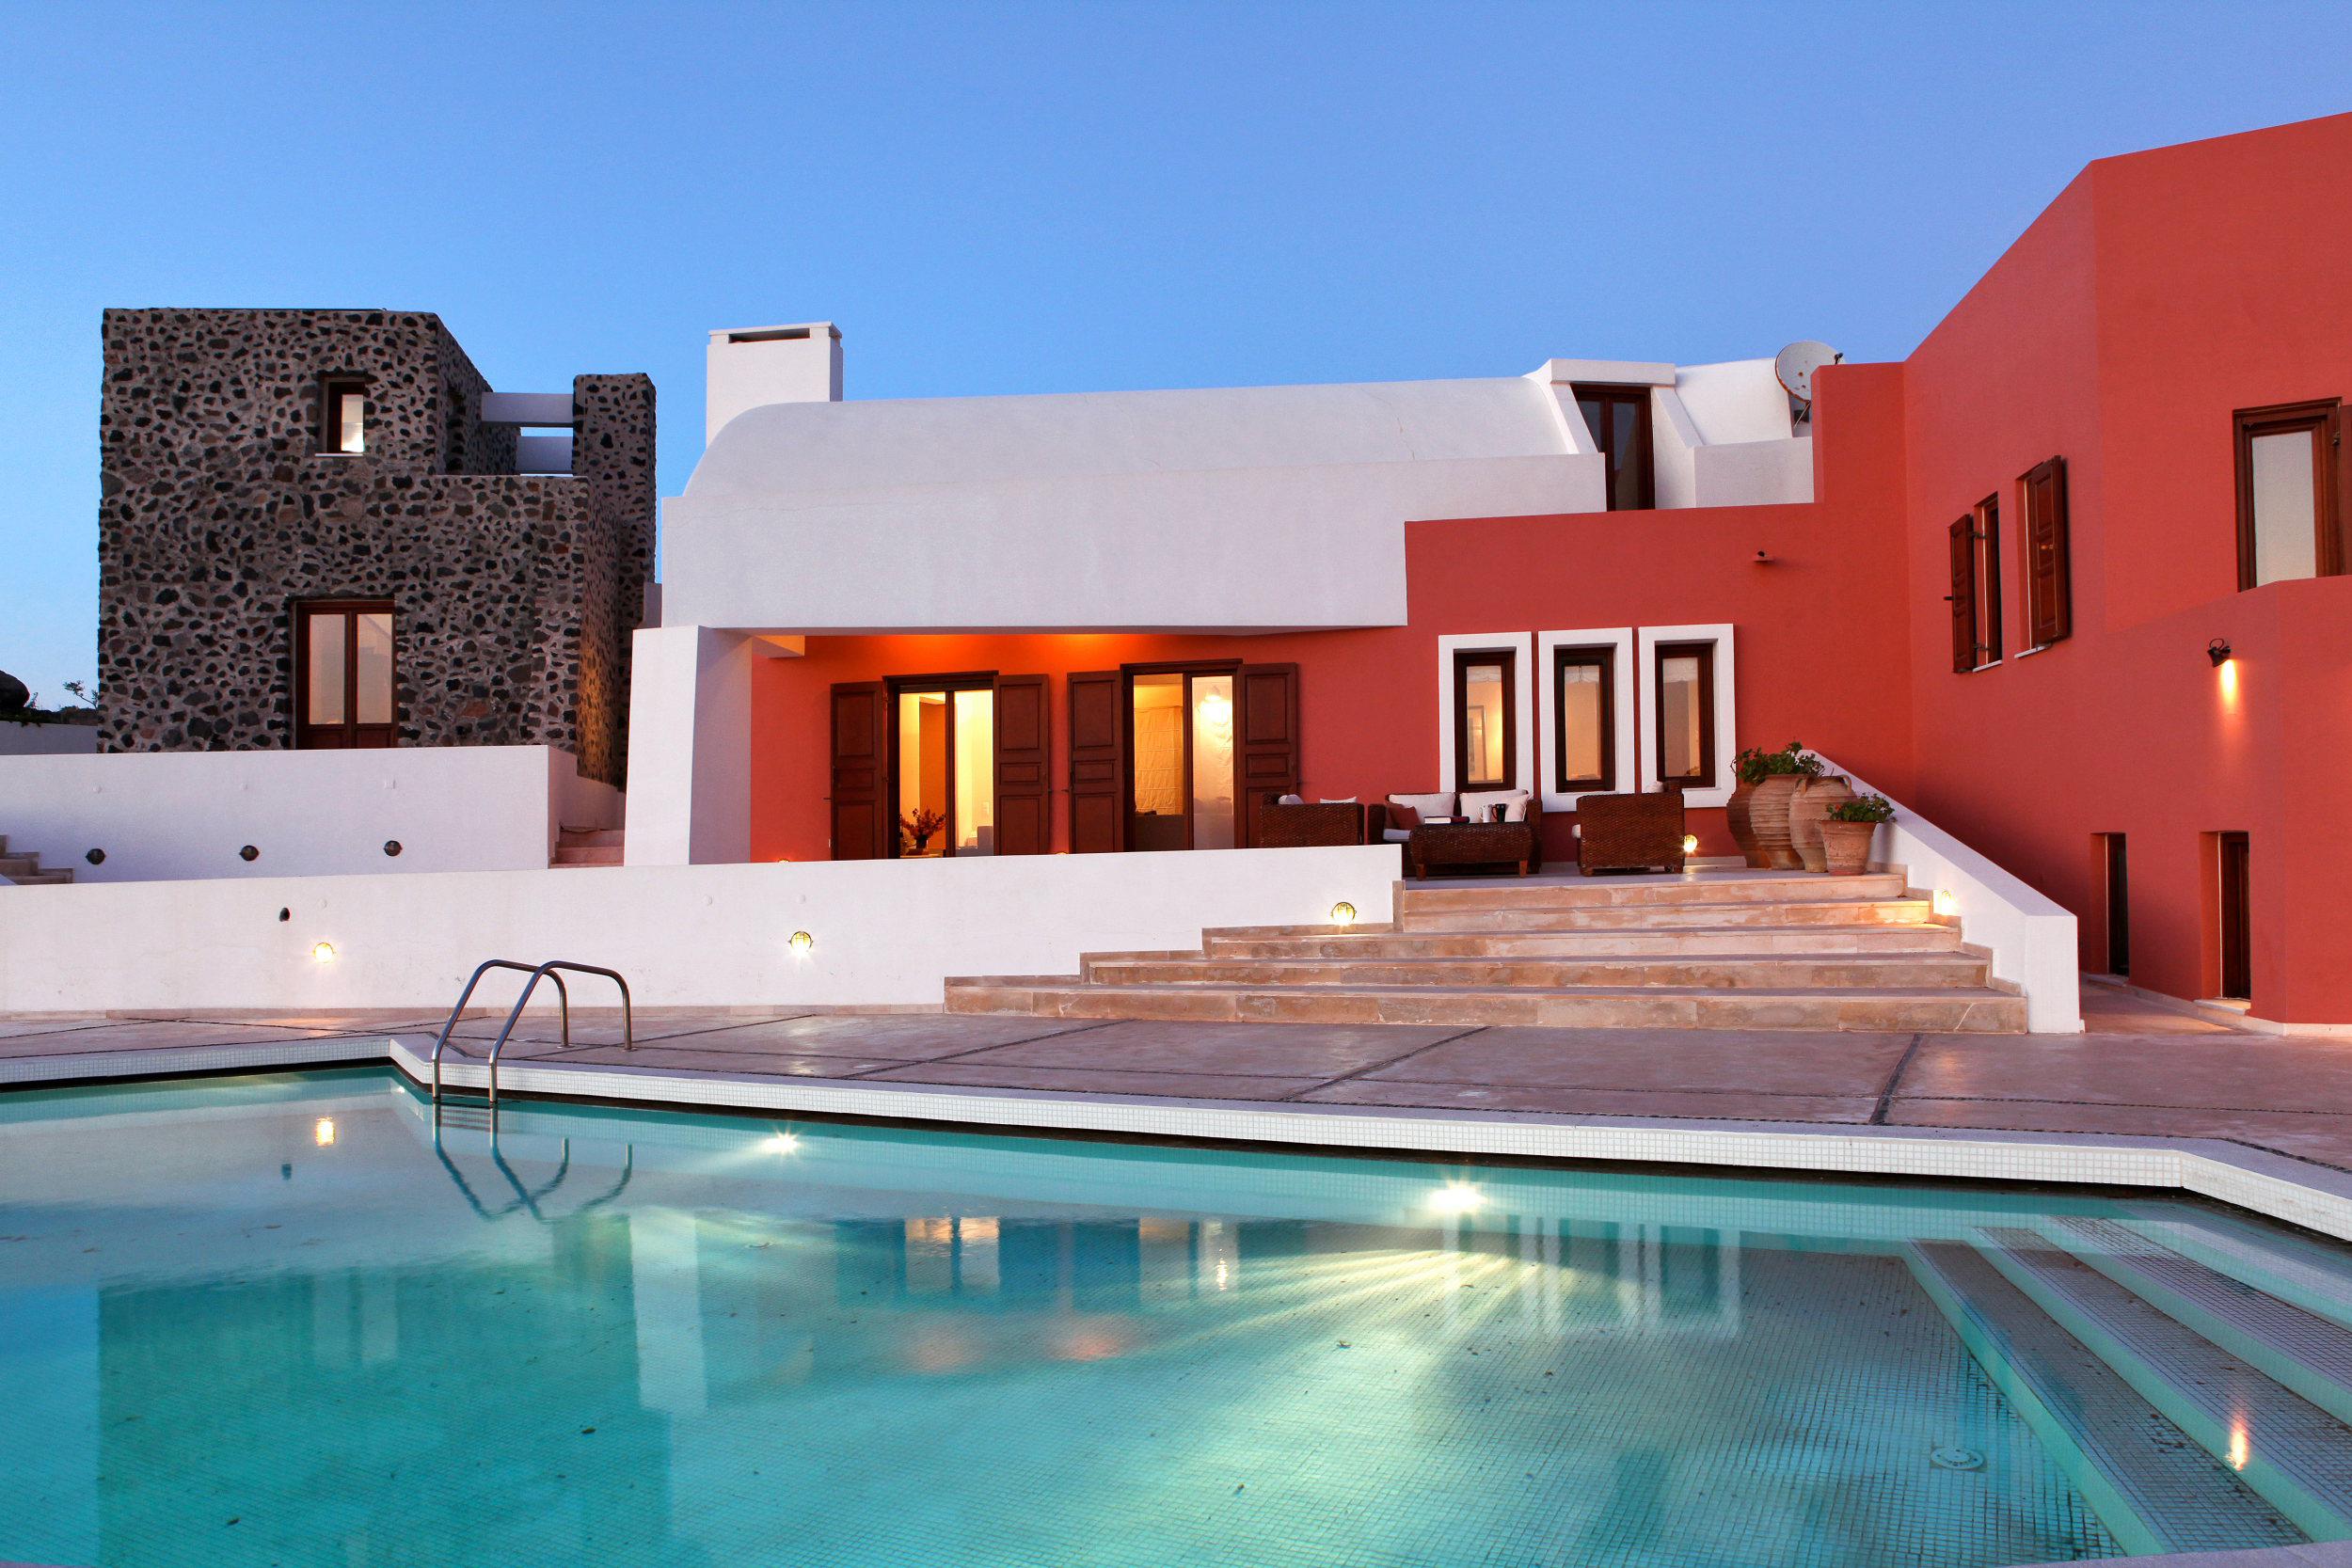 Fondos de pantalla 2500x1667 casa piscina mansi n ciudades - Fotos de casas con piscina ...